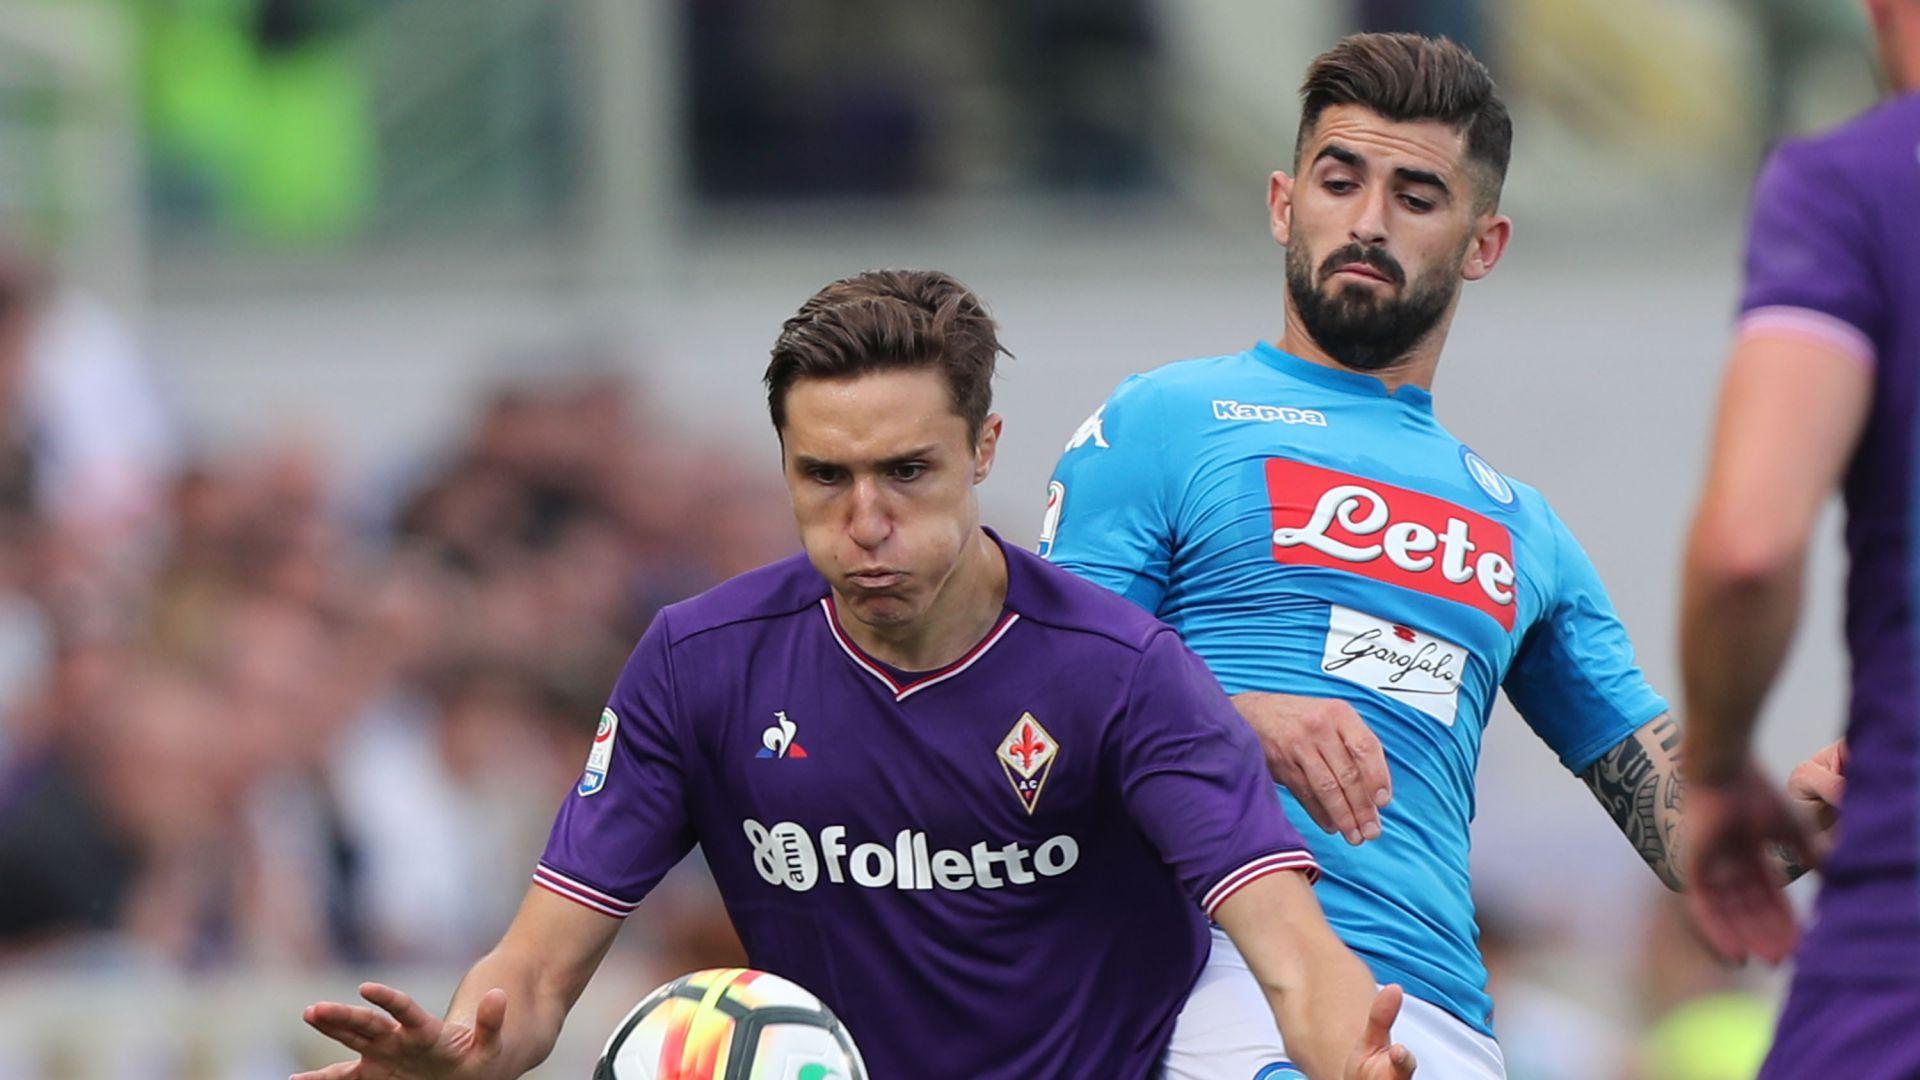 Calciomercato Napoli, 50 milioni più due giocatori per Chiesa